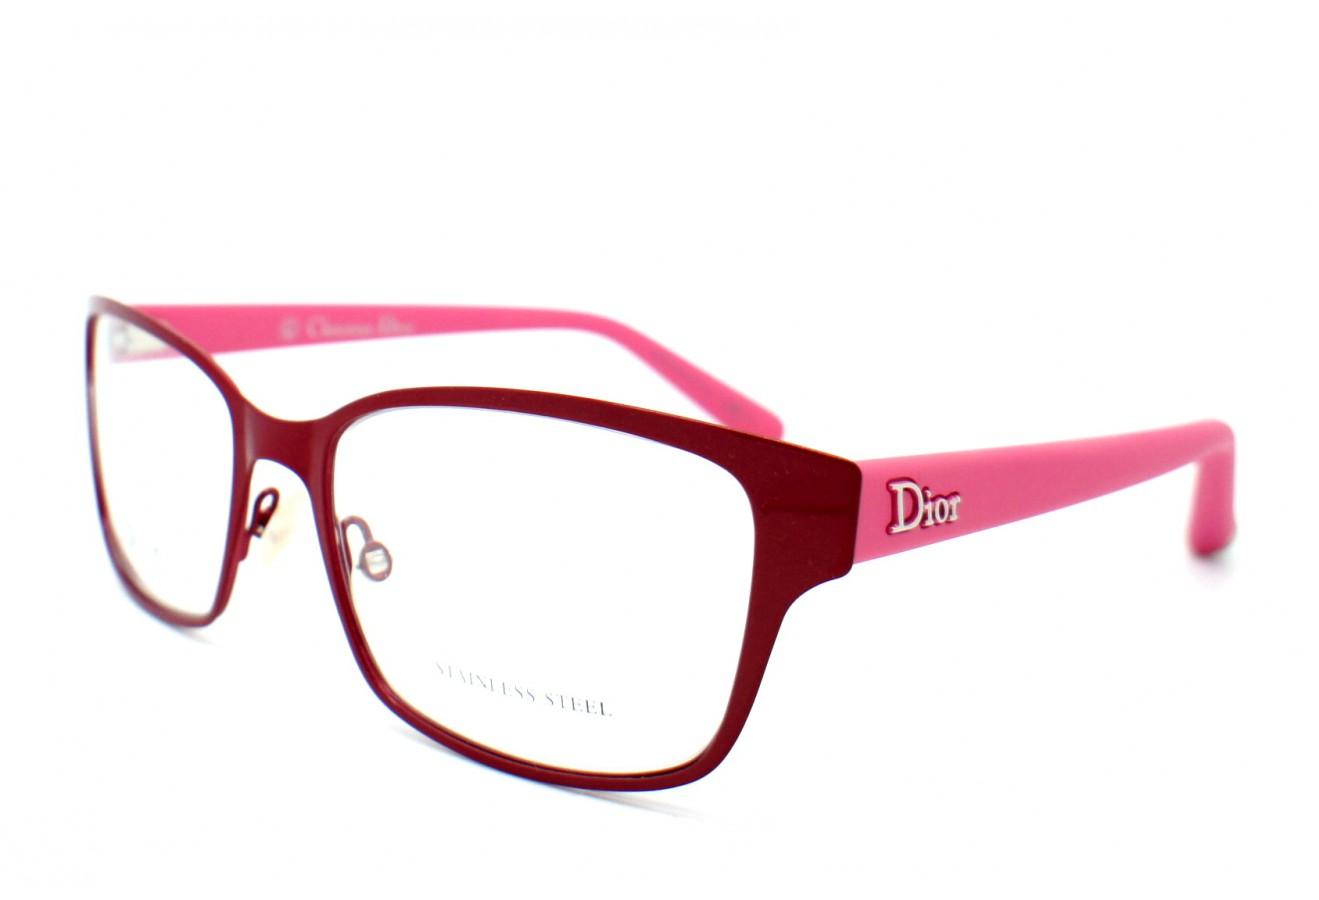 lunettes de vue dior cd 3774 3jc 53 17. Black Bedroom Furniture Sets. Home Design Ideas